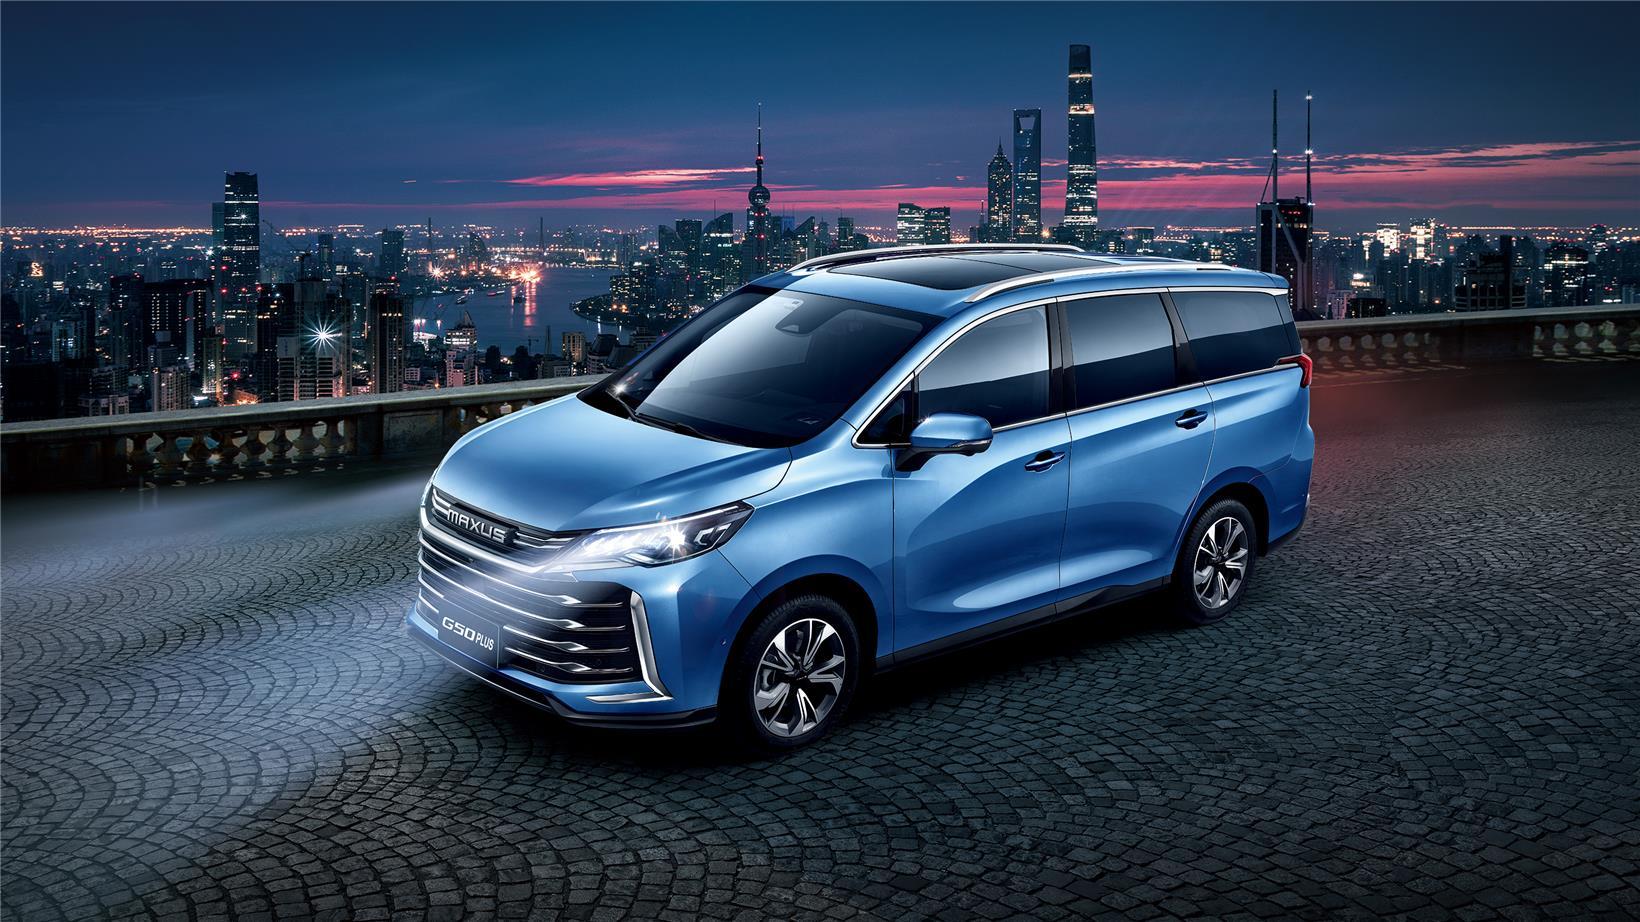 EV salesauto sales SAIC Maxus saic maxus sales, china automotive news, LCV sales